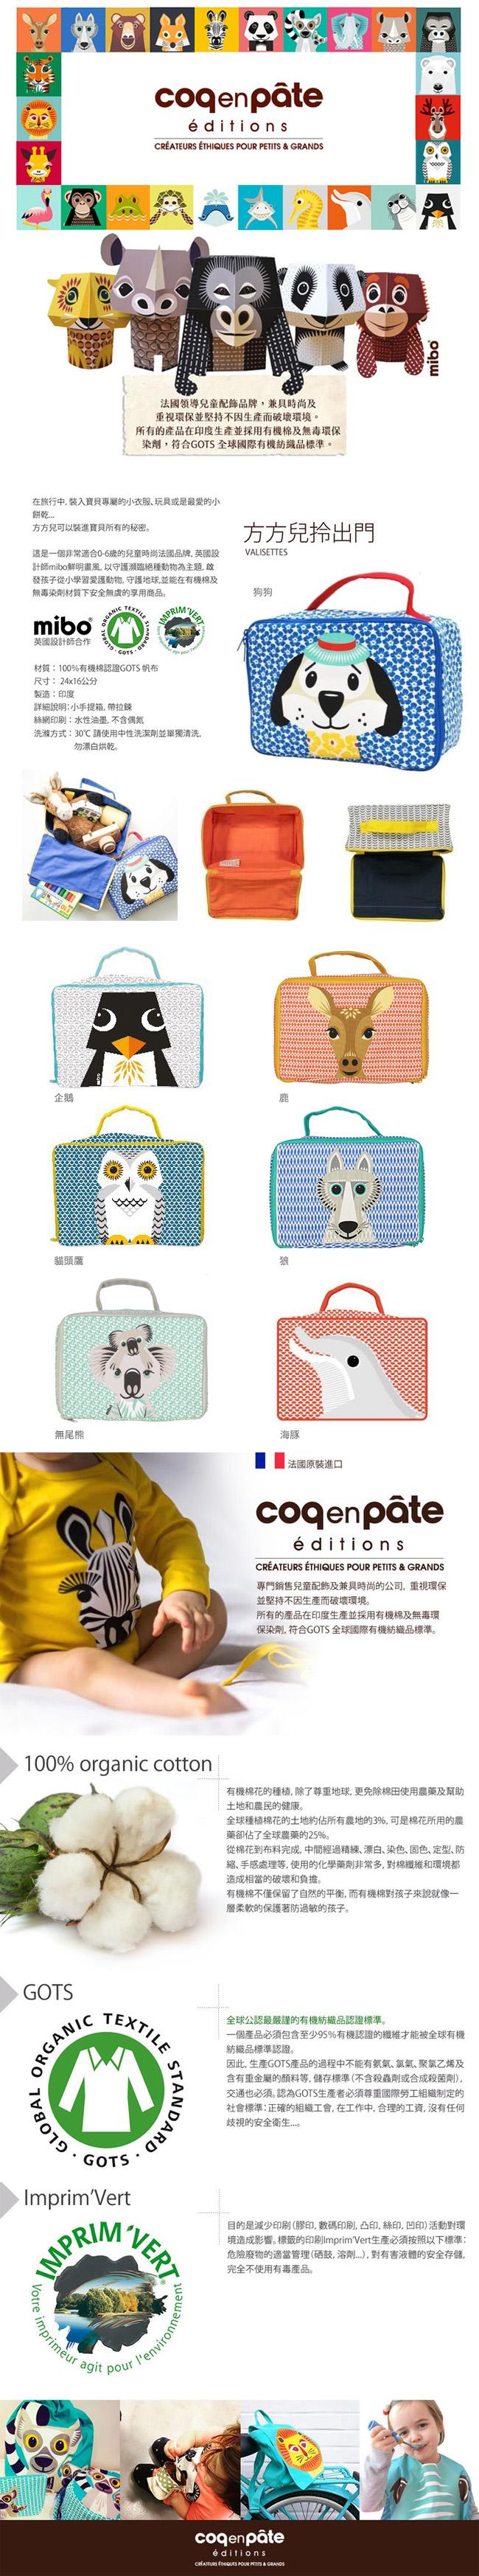 (複製)COQENPATE│法國有機棉無毒環保布包 / 小童寶包幫- 黑猩猩